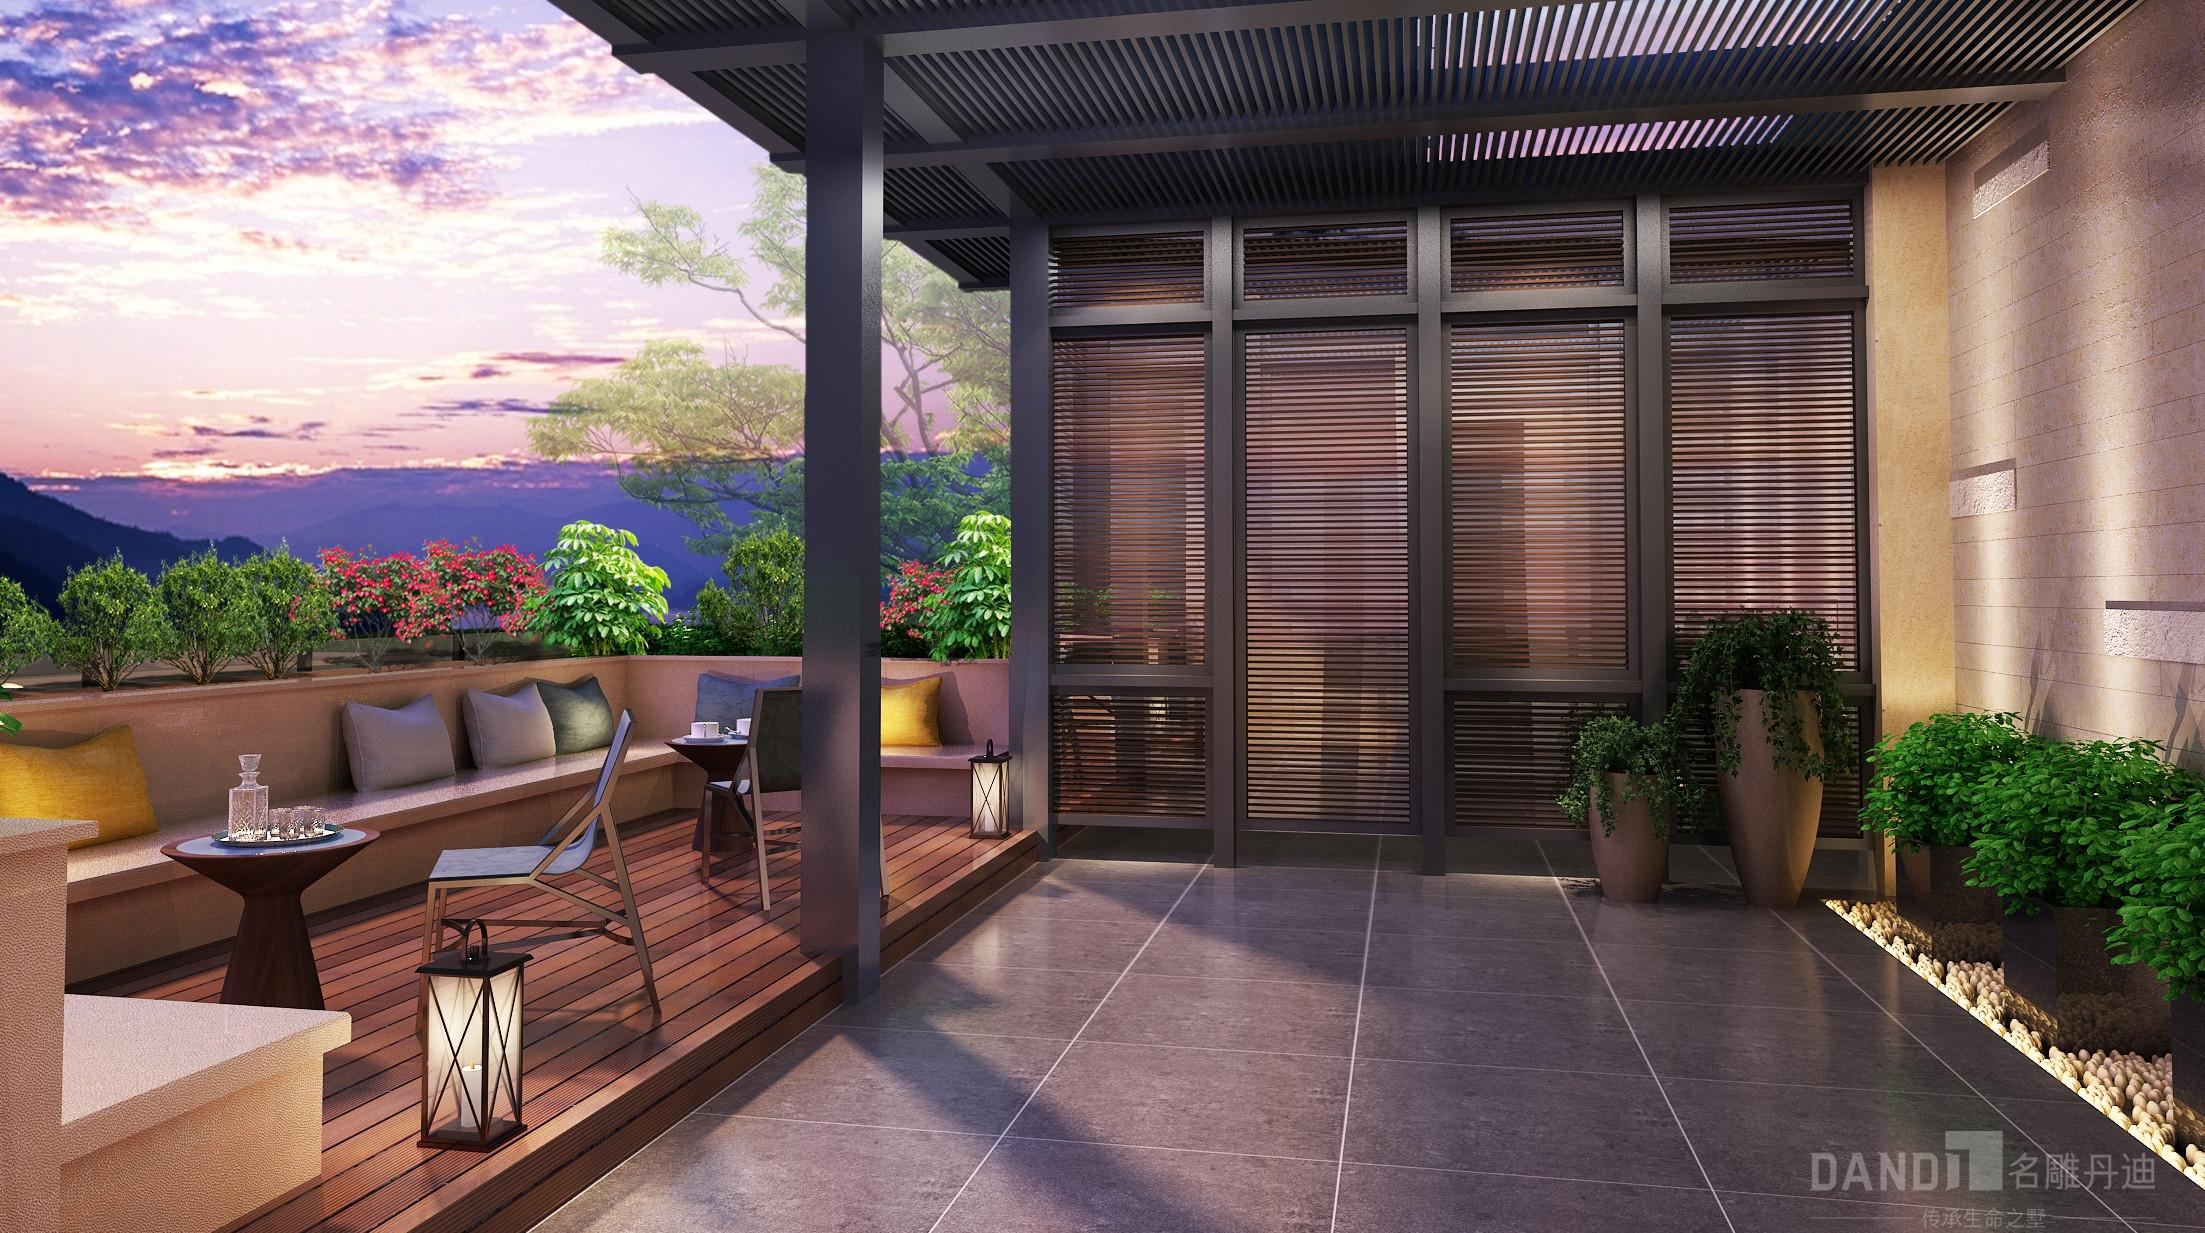 简约 混搭 别墅 新中式 阳台图片来自名雕丹迪在万科璞悦山别墅新中式装修风格的分享